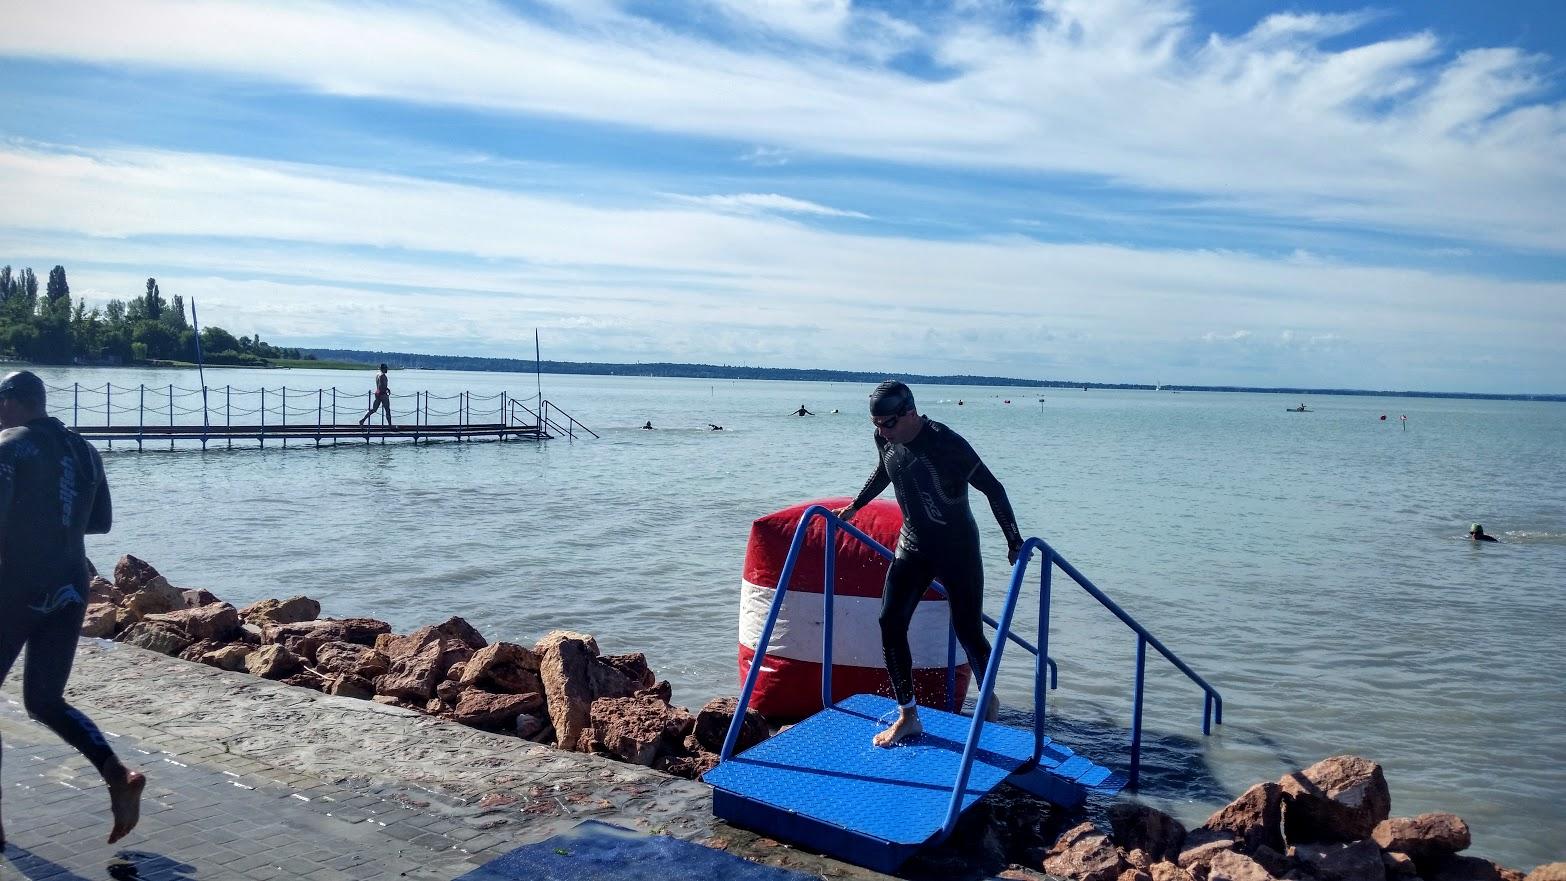 Aici eram la prima ieșire din apă.